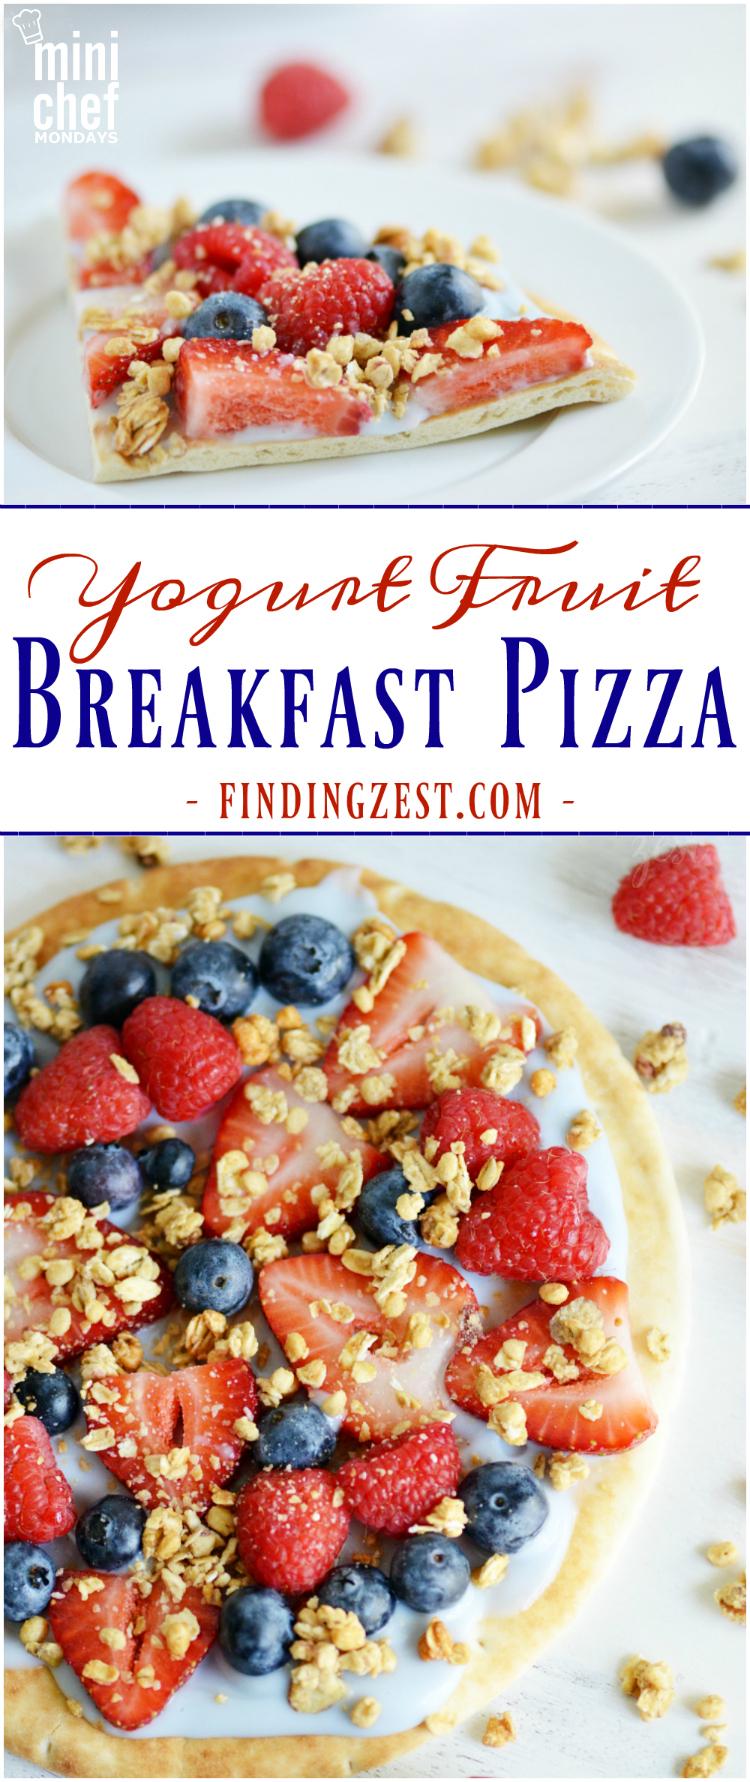 Yogurt Fruit Breakfast Pizza